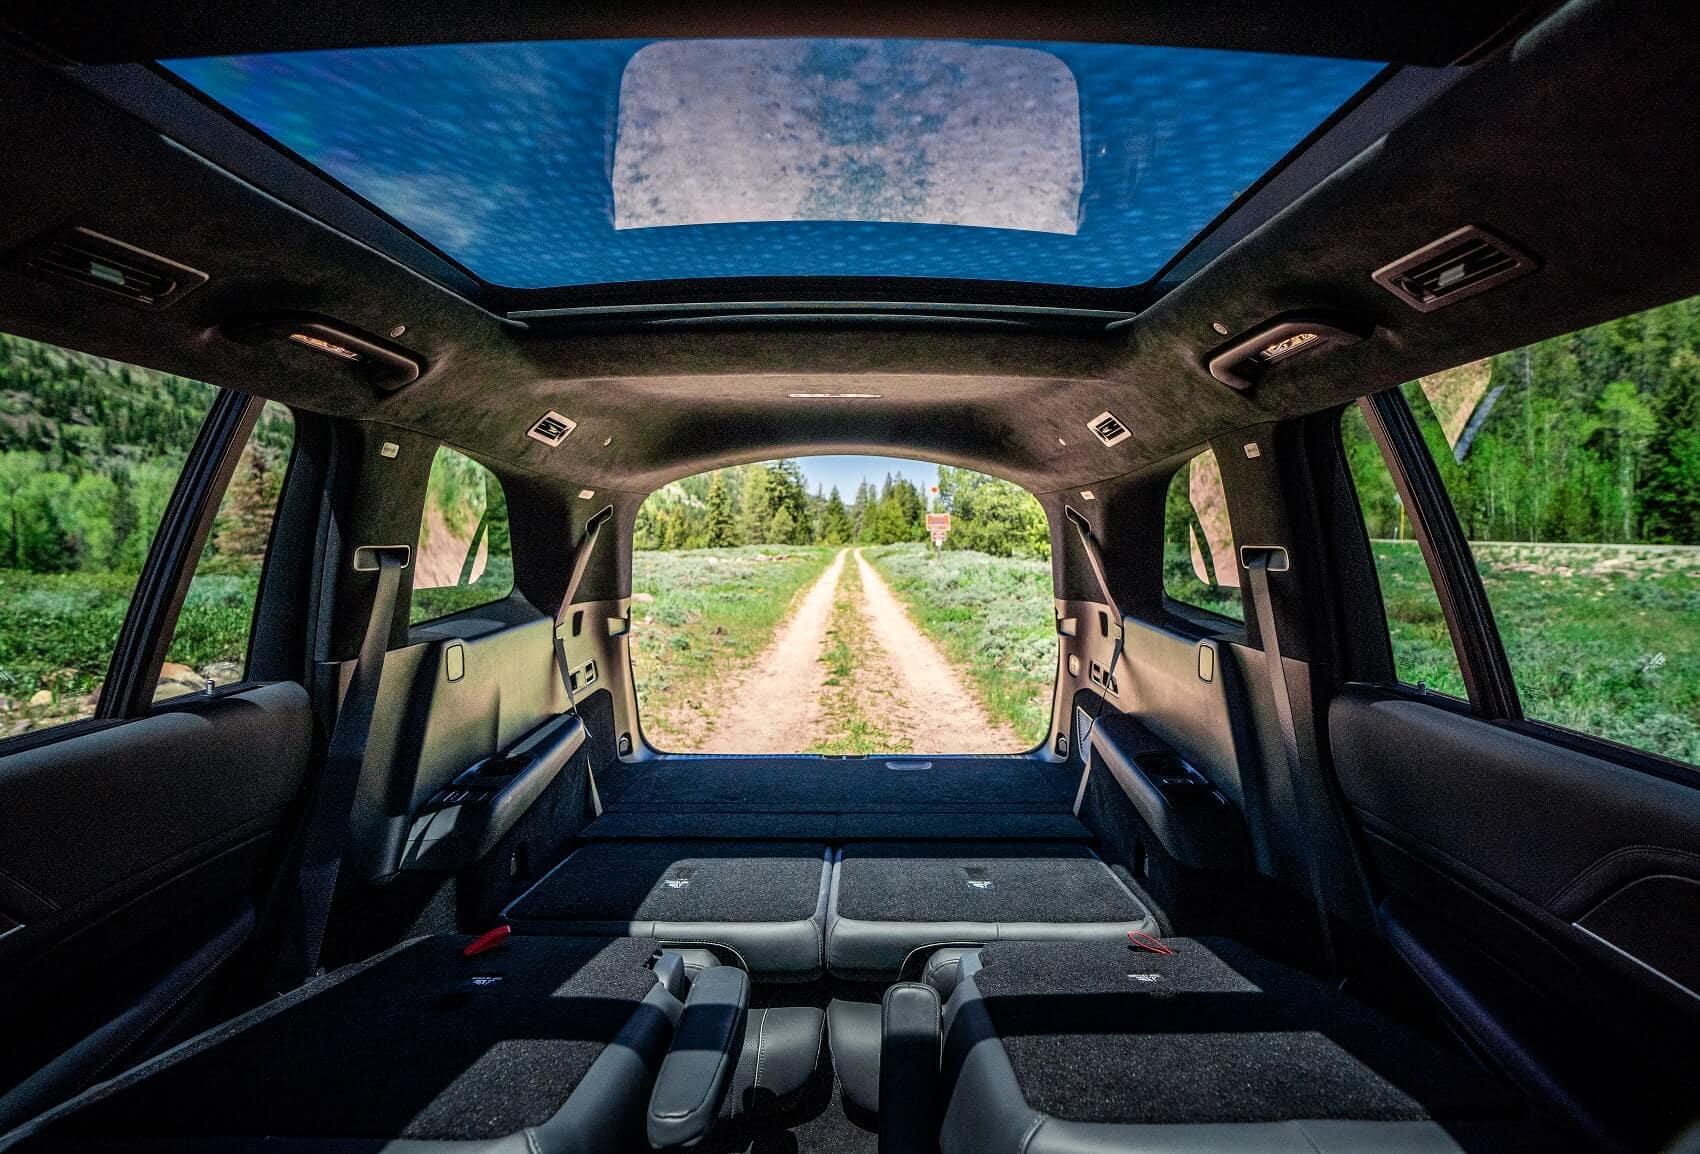 2020 Mercedes Benz GLS Interior Space